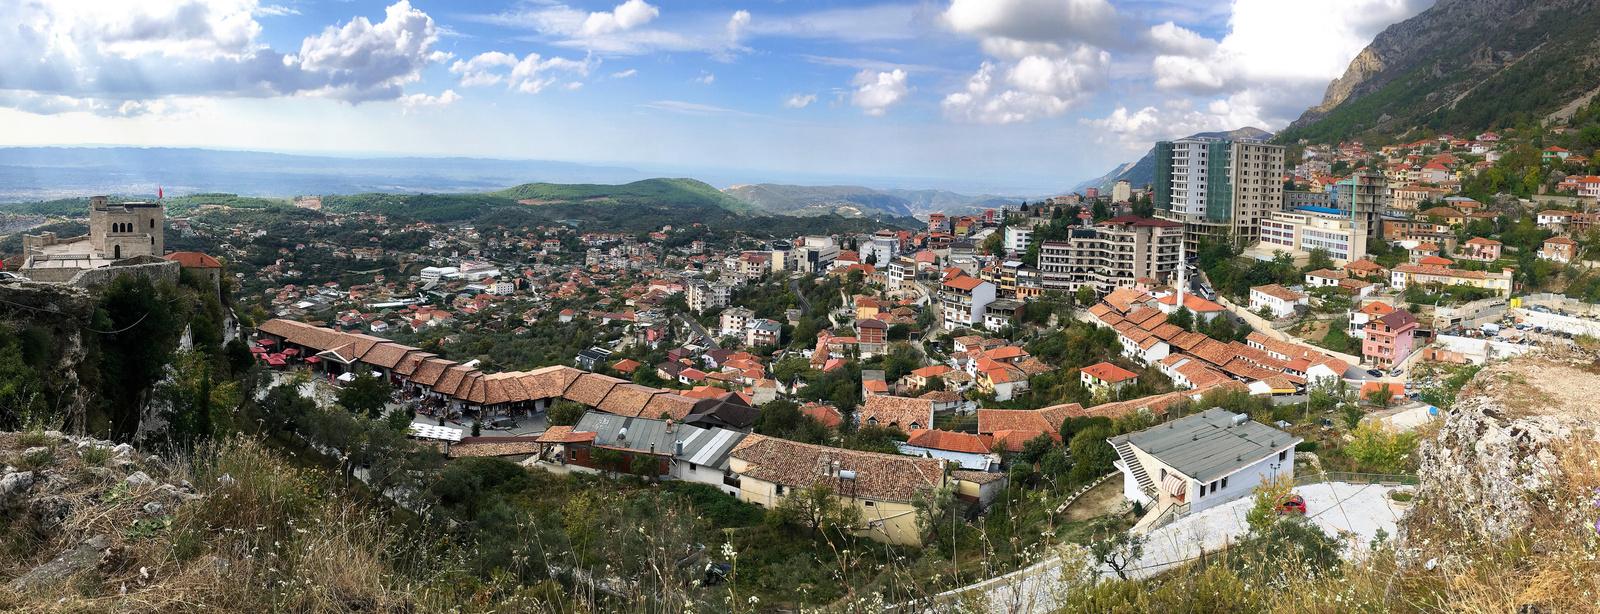 Város a hegyen